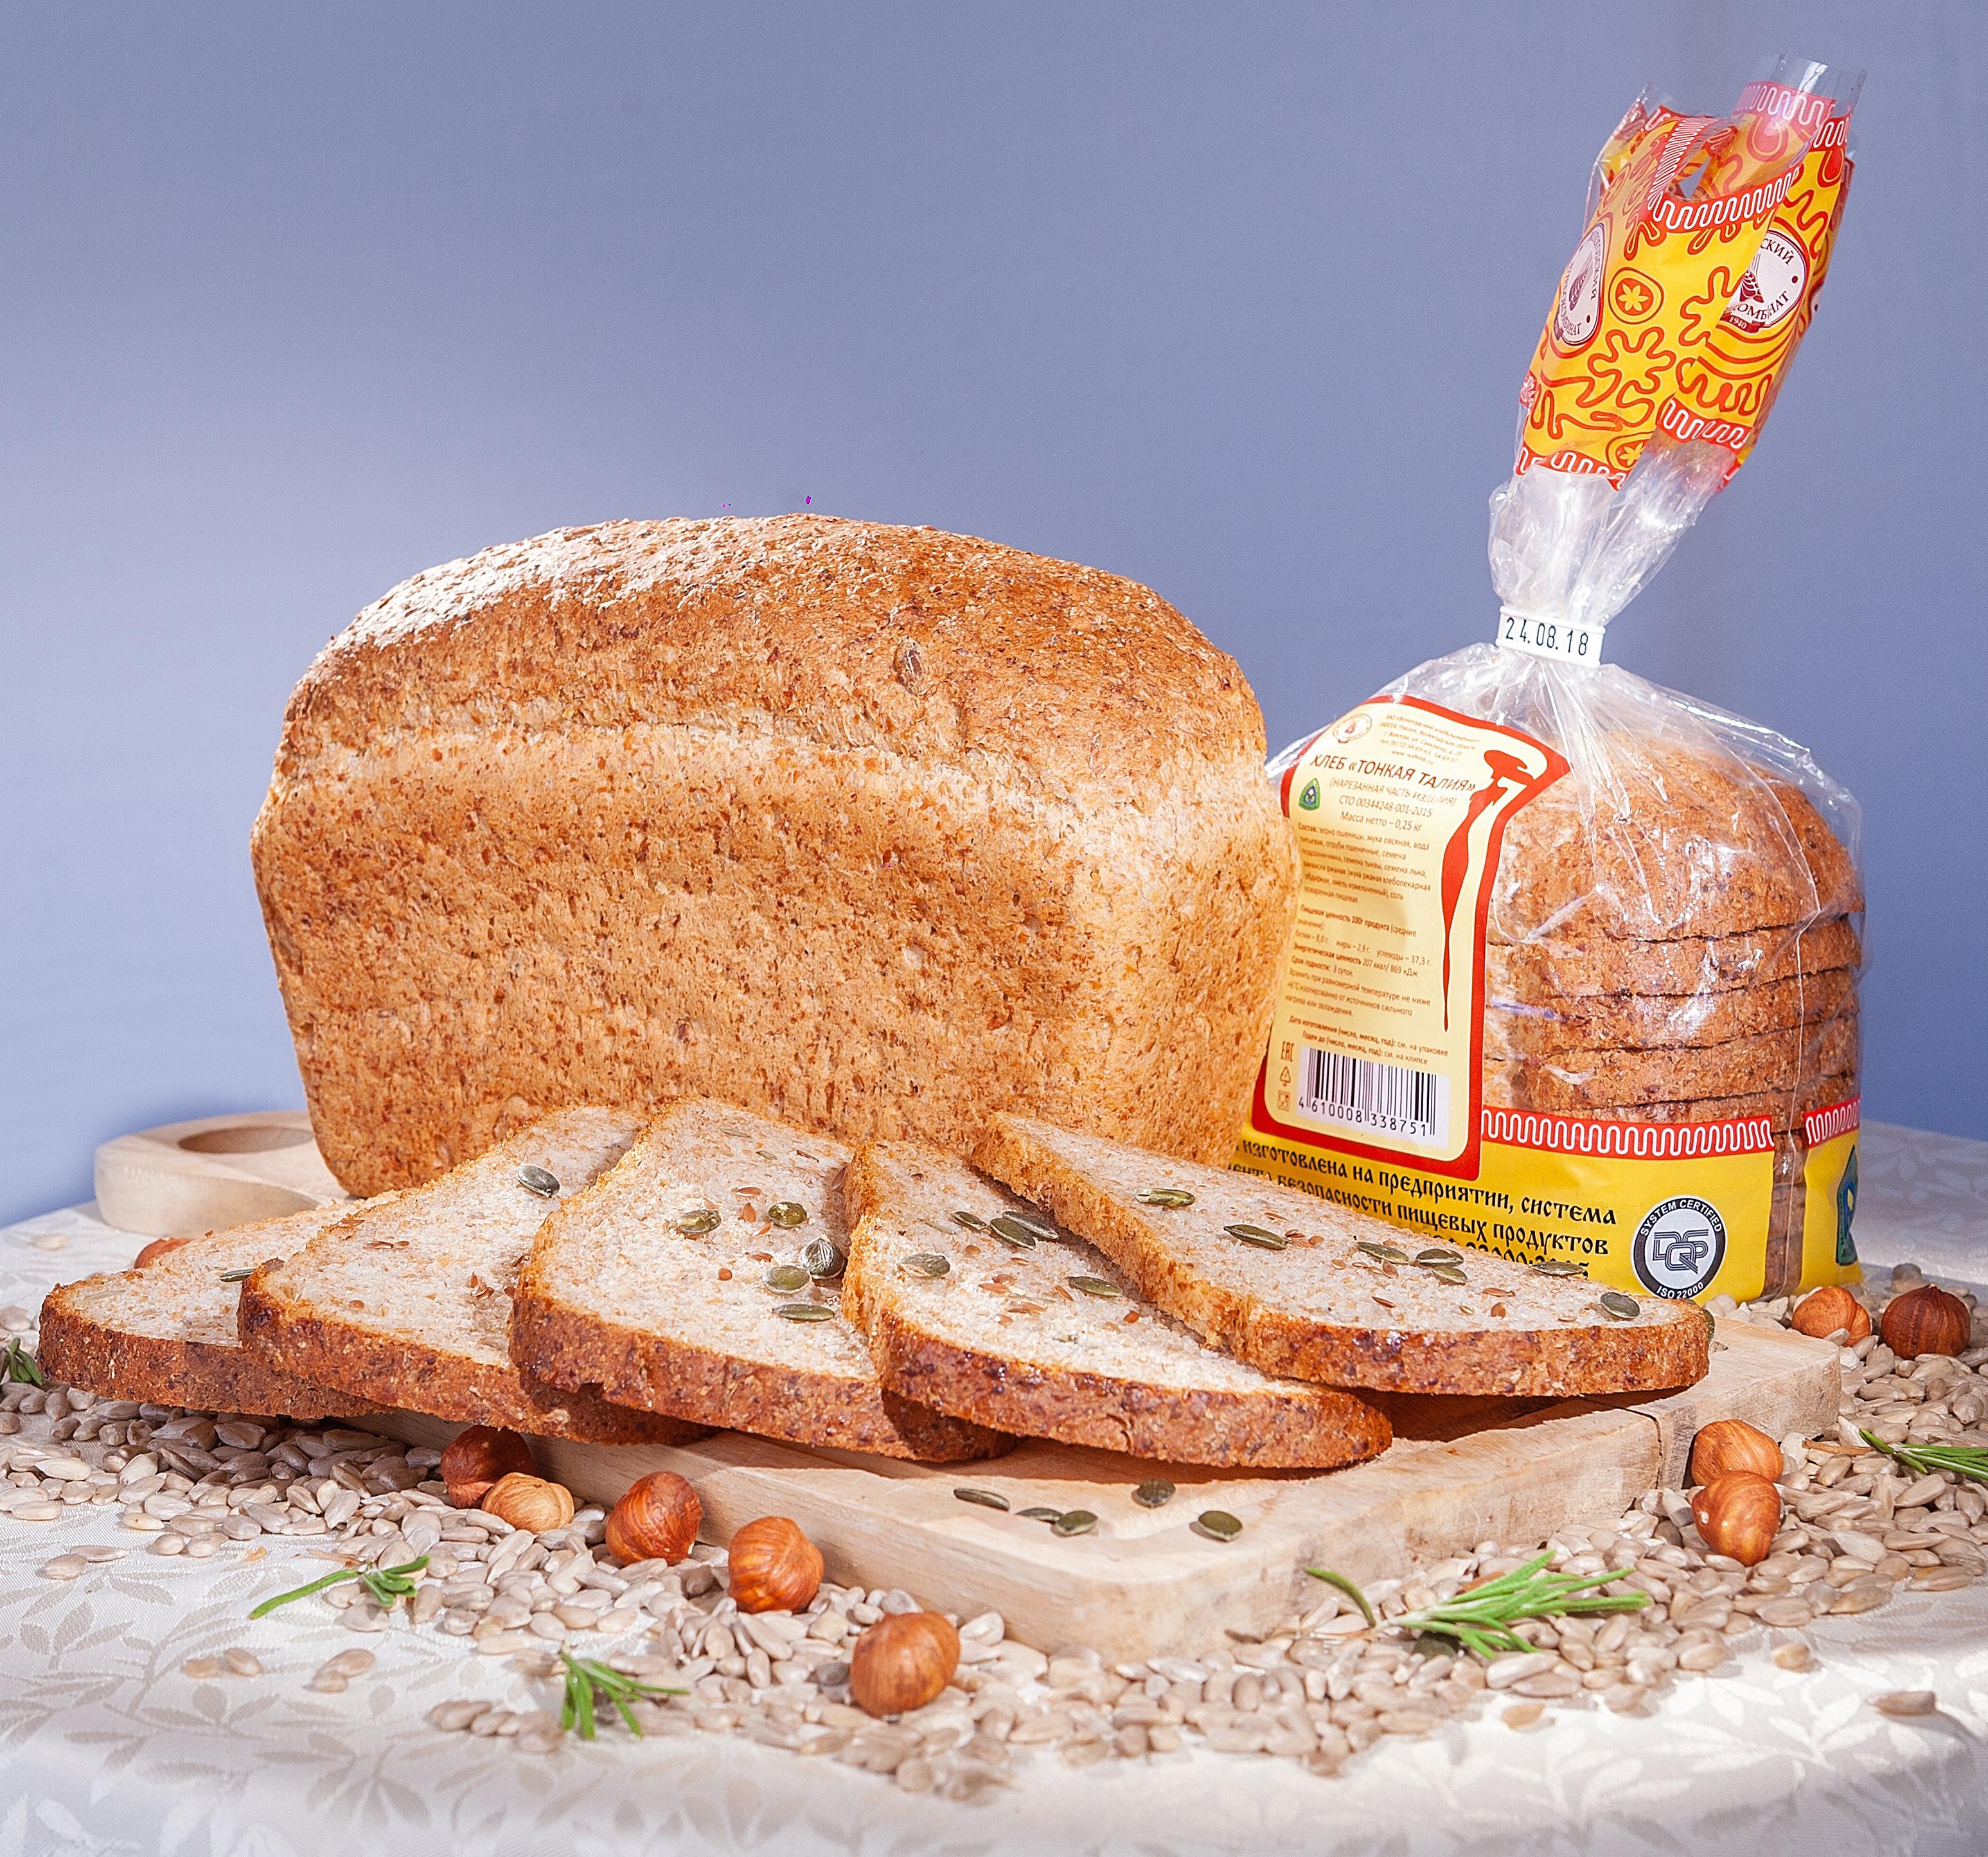 Вологодский хлебокомбинат продолжает традиции русских хлебопеков